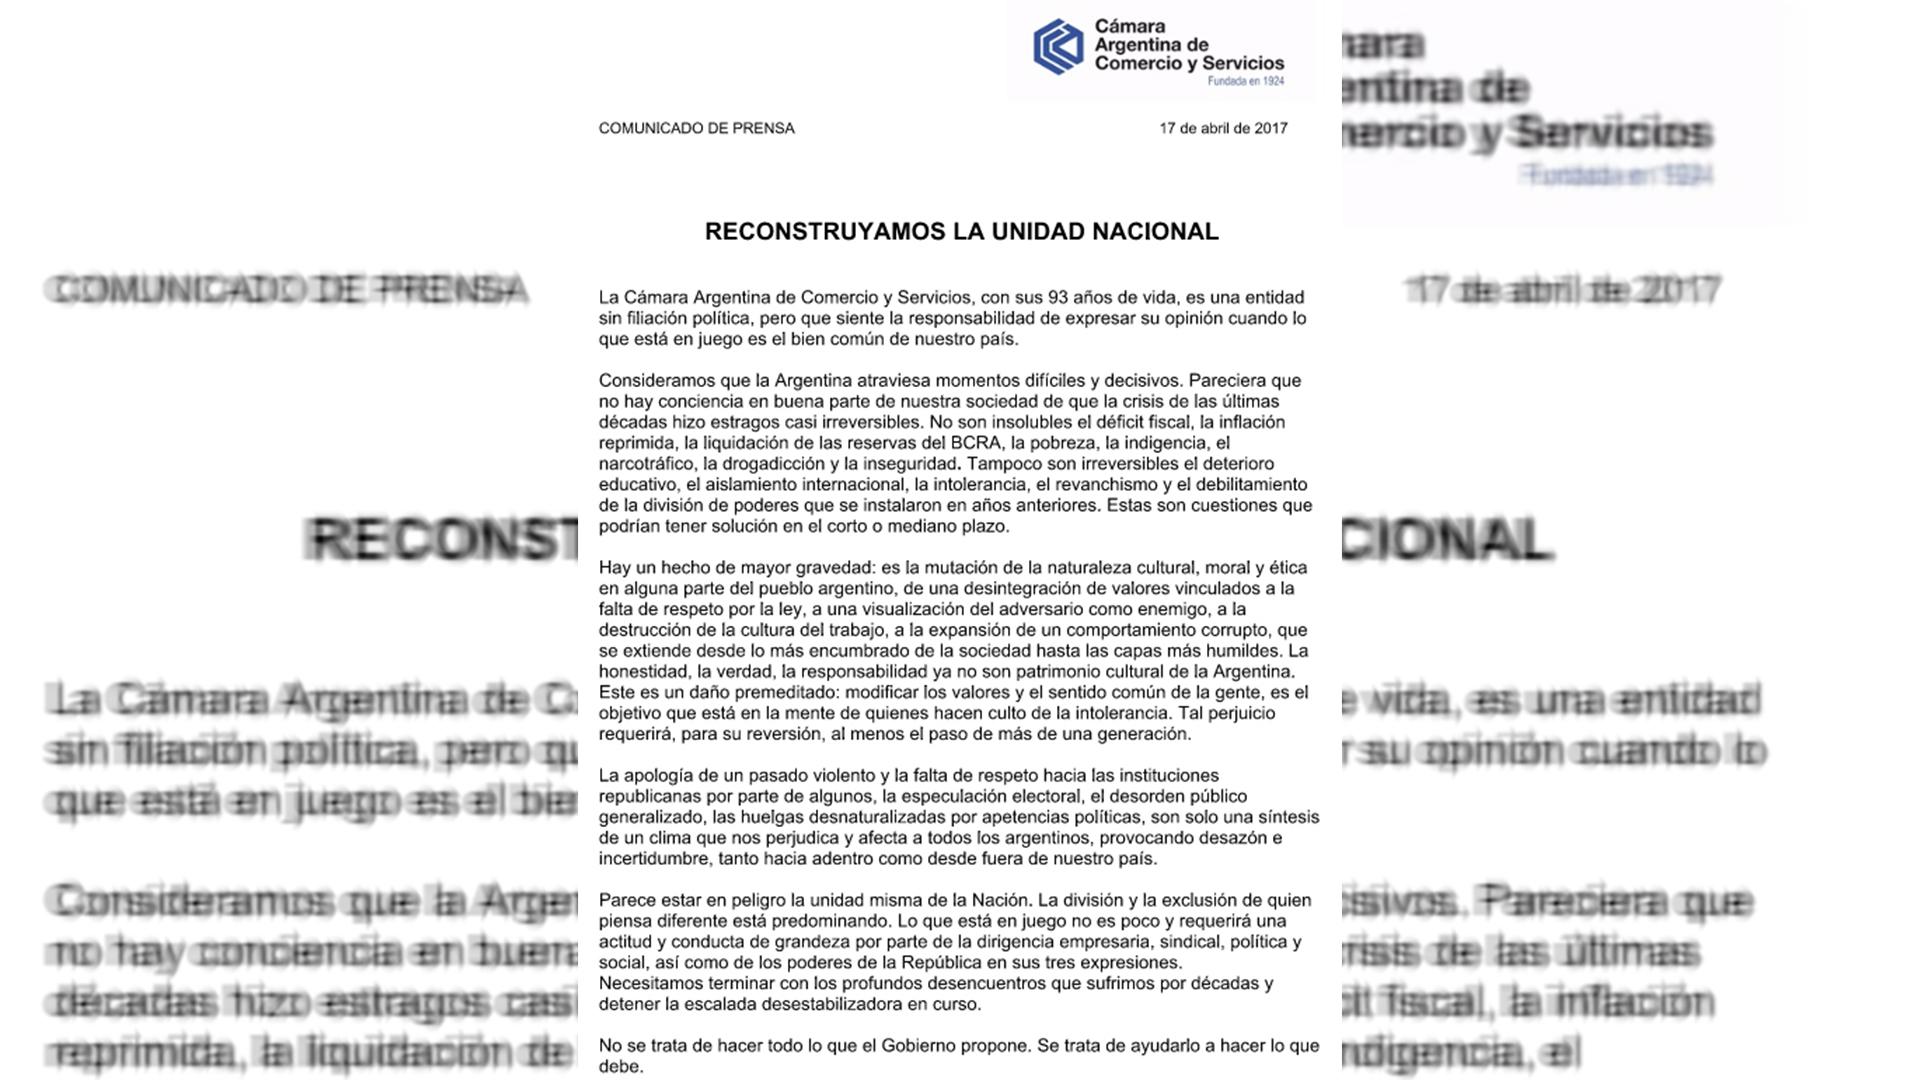 Camara Argentina de Comercio y Servicio 1920 (3)